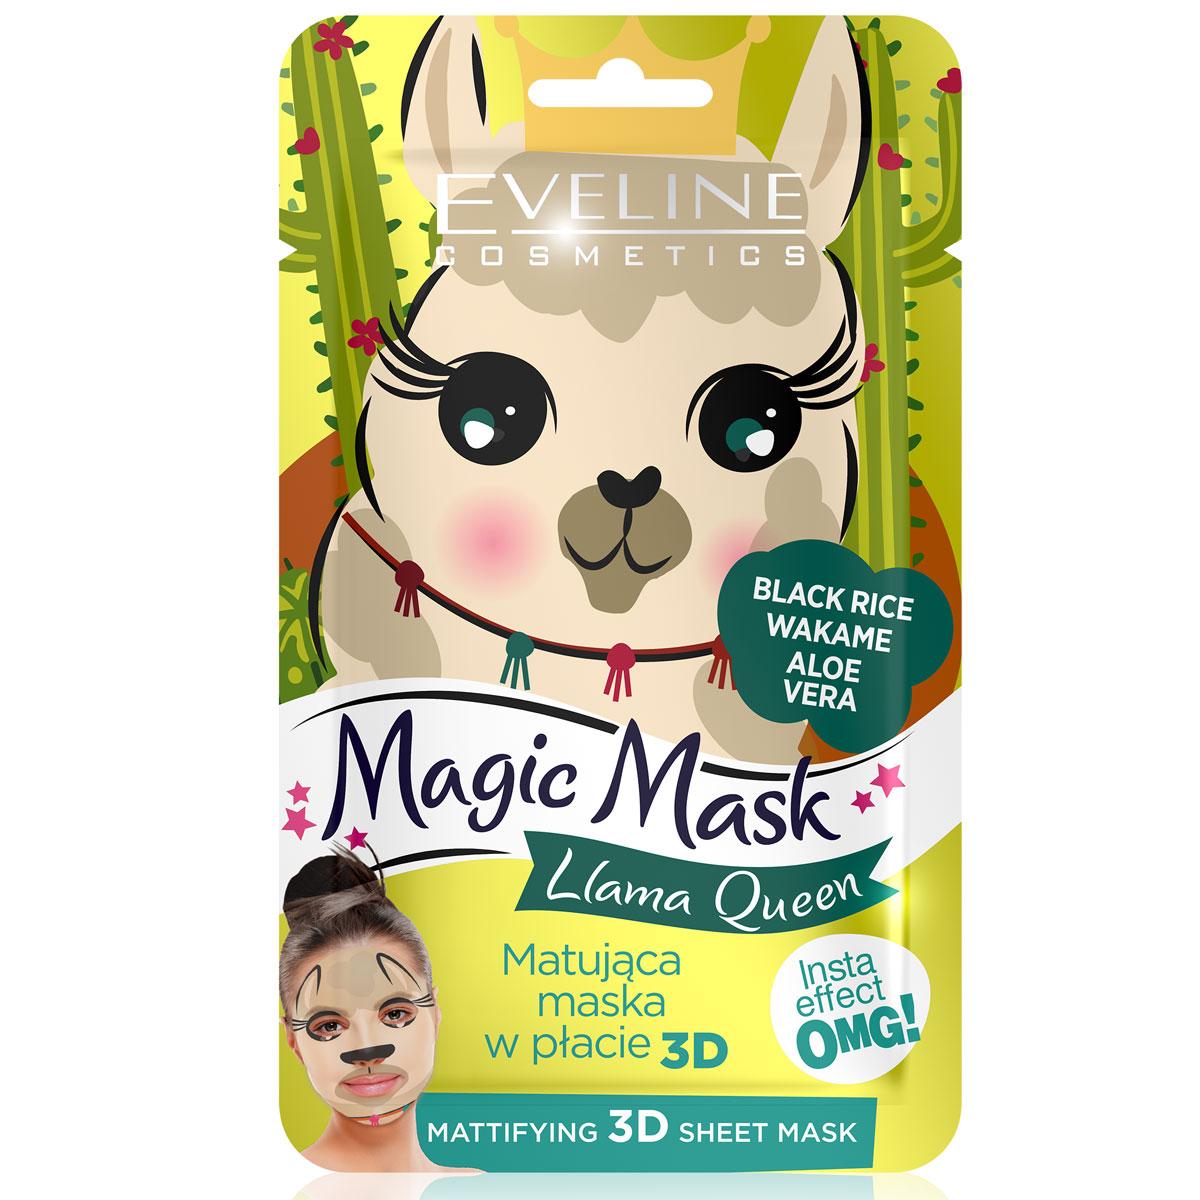 Eveline-cosmetics-pleťová-maska-Lama